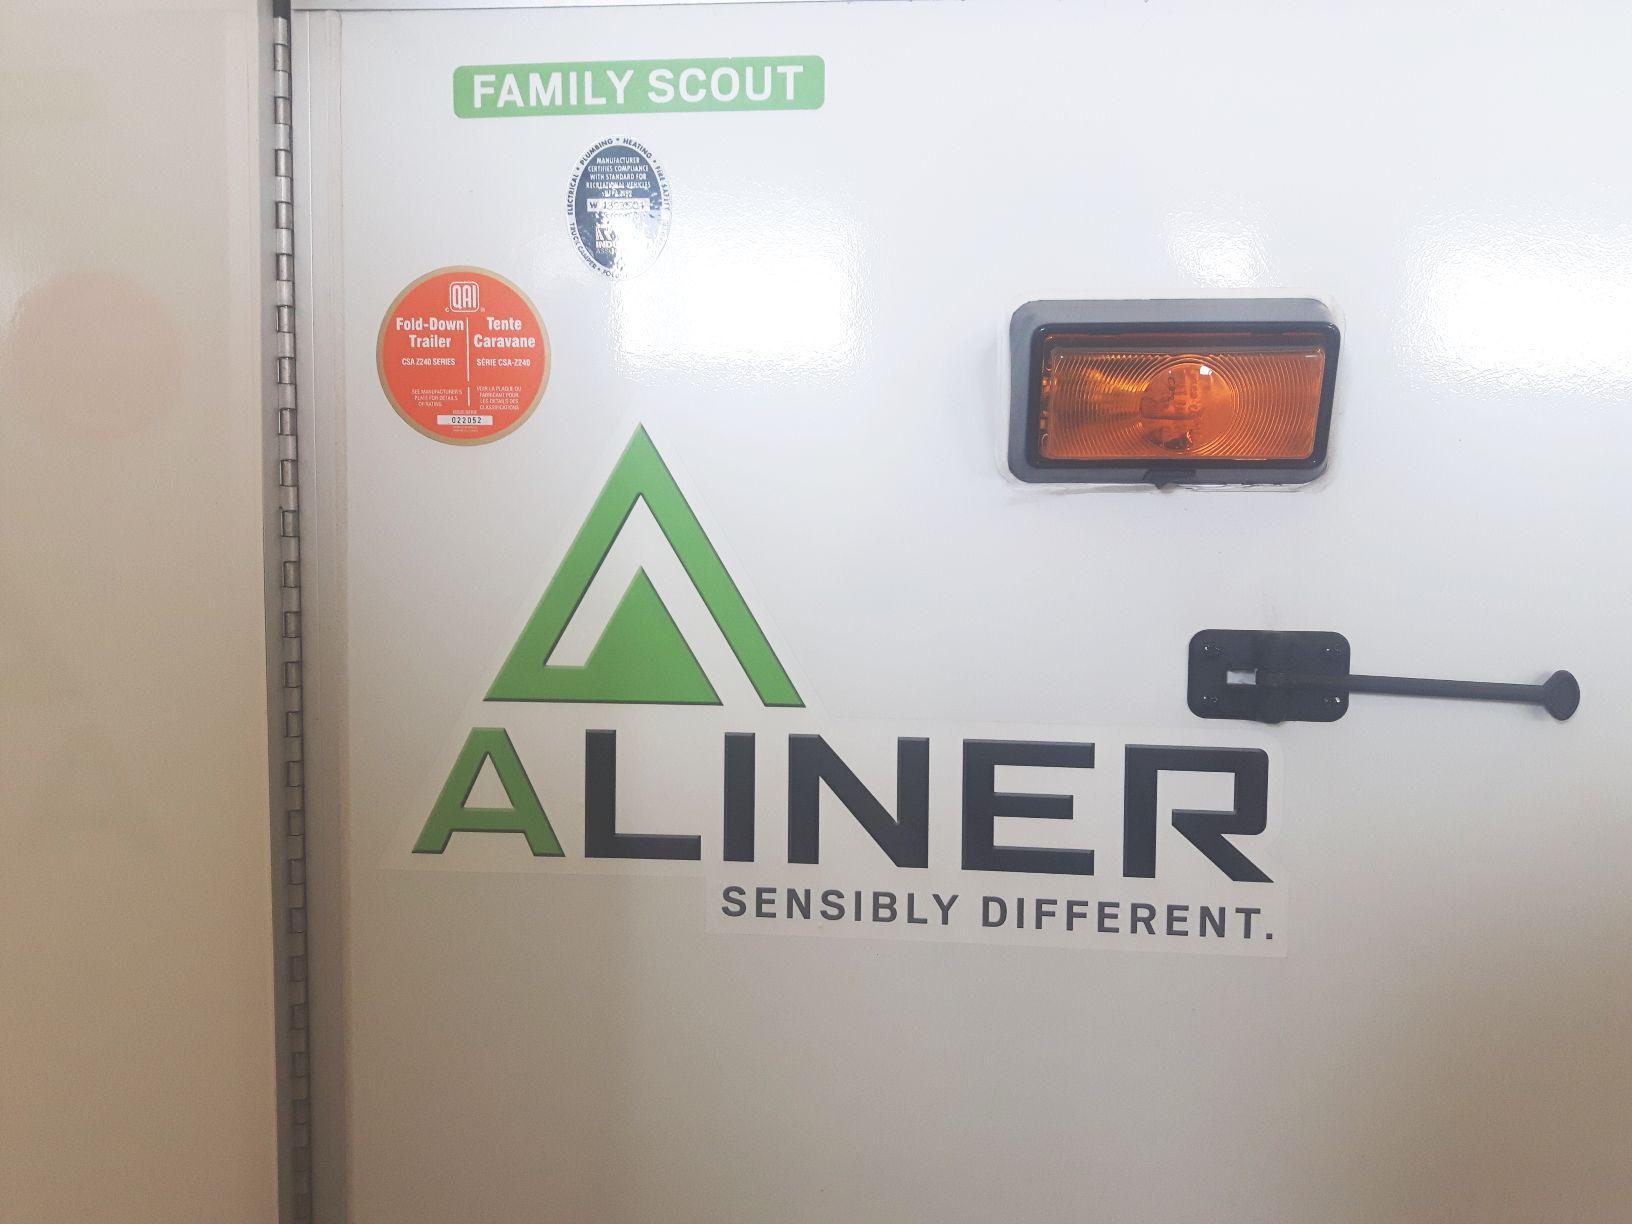 https://0901.nccdn.net/4_2/000/000/038/2d3/Aliner-Family-Scout-2020--13--1632x1224.jpg